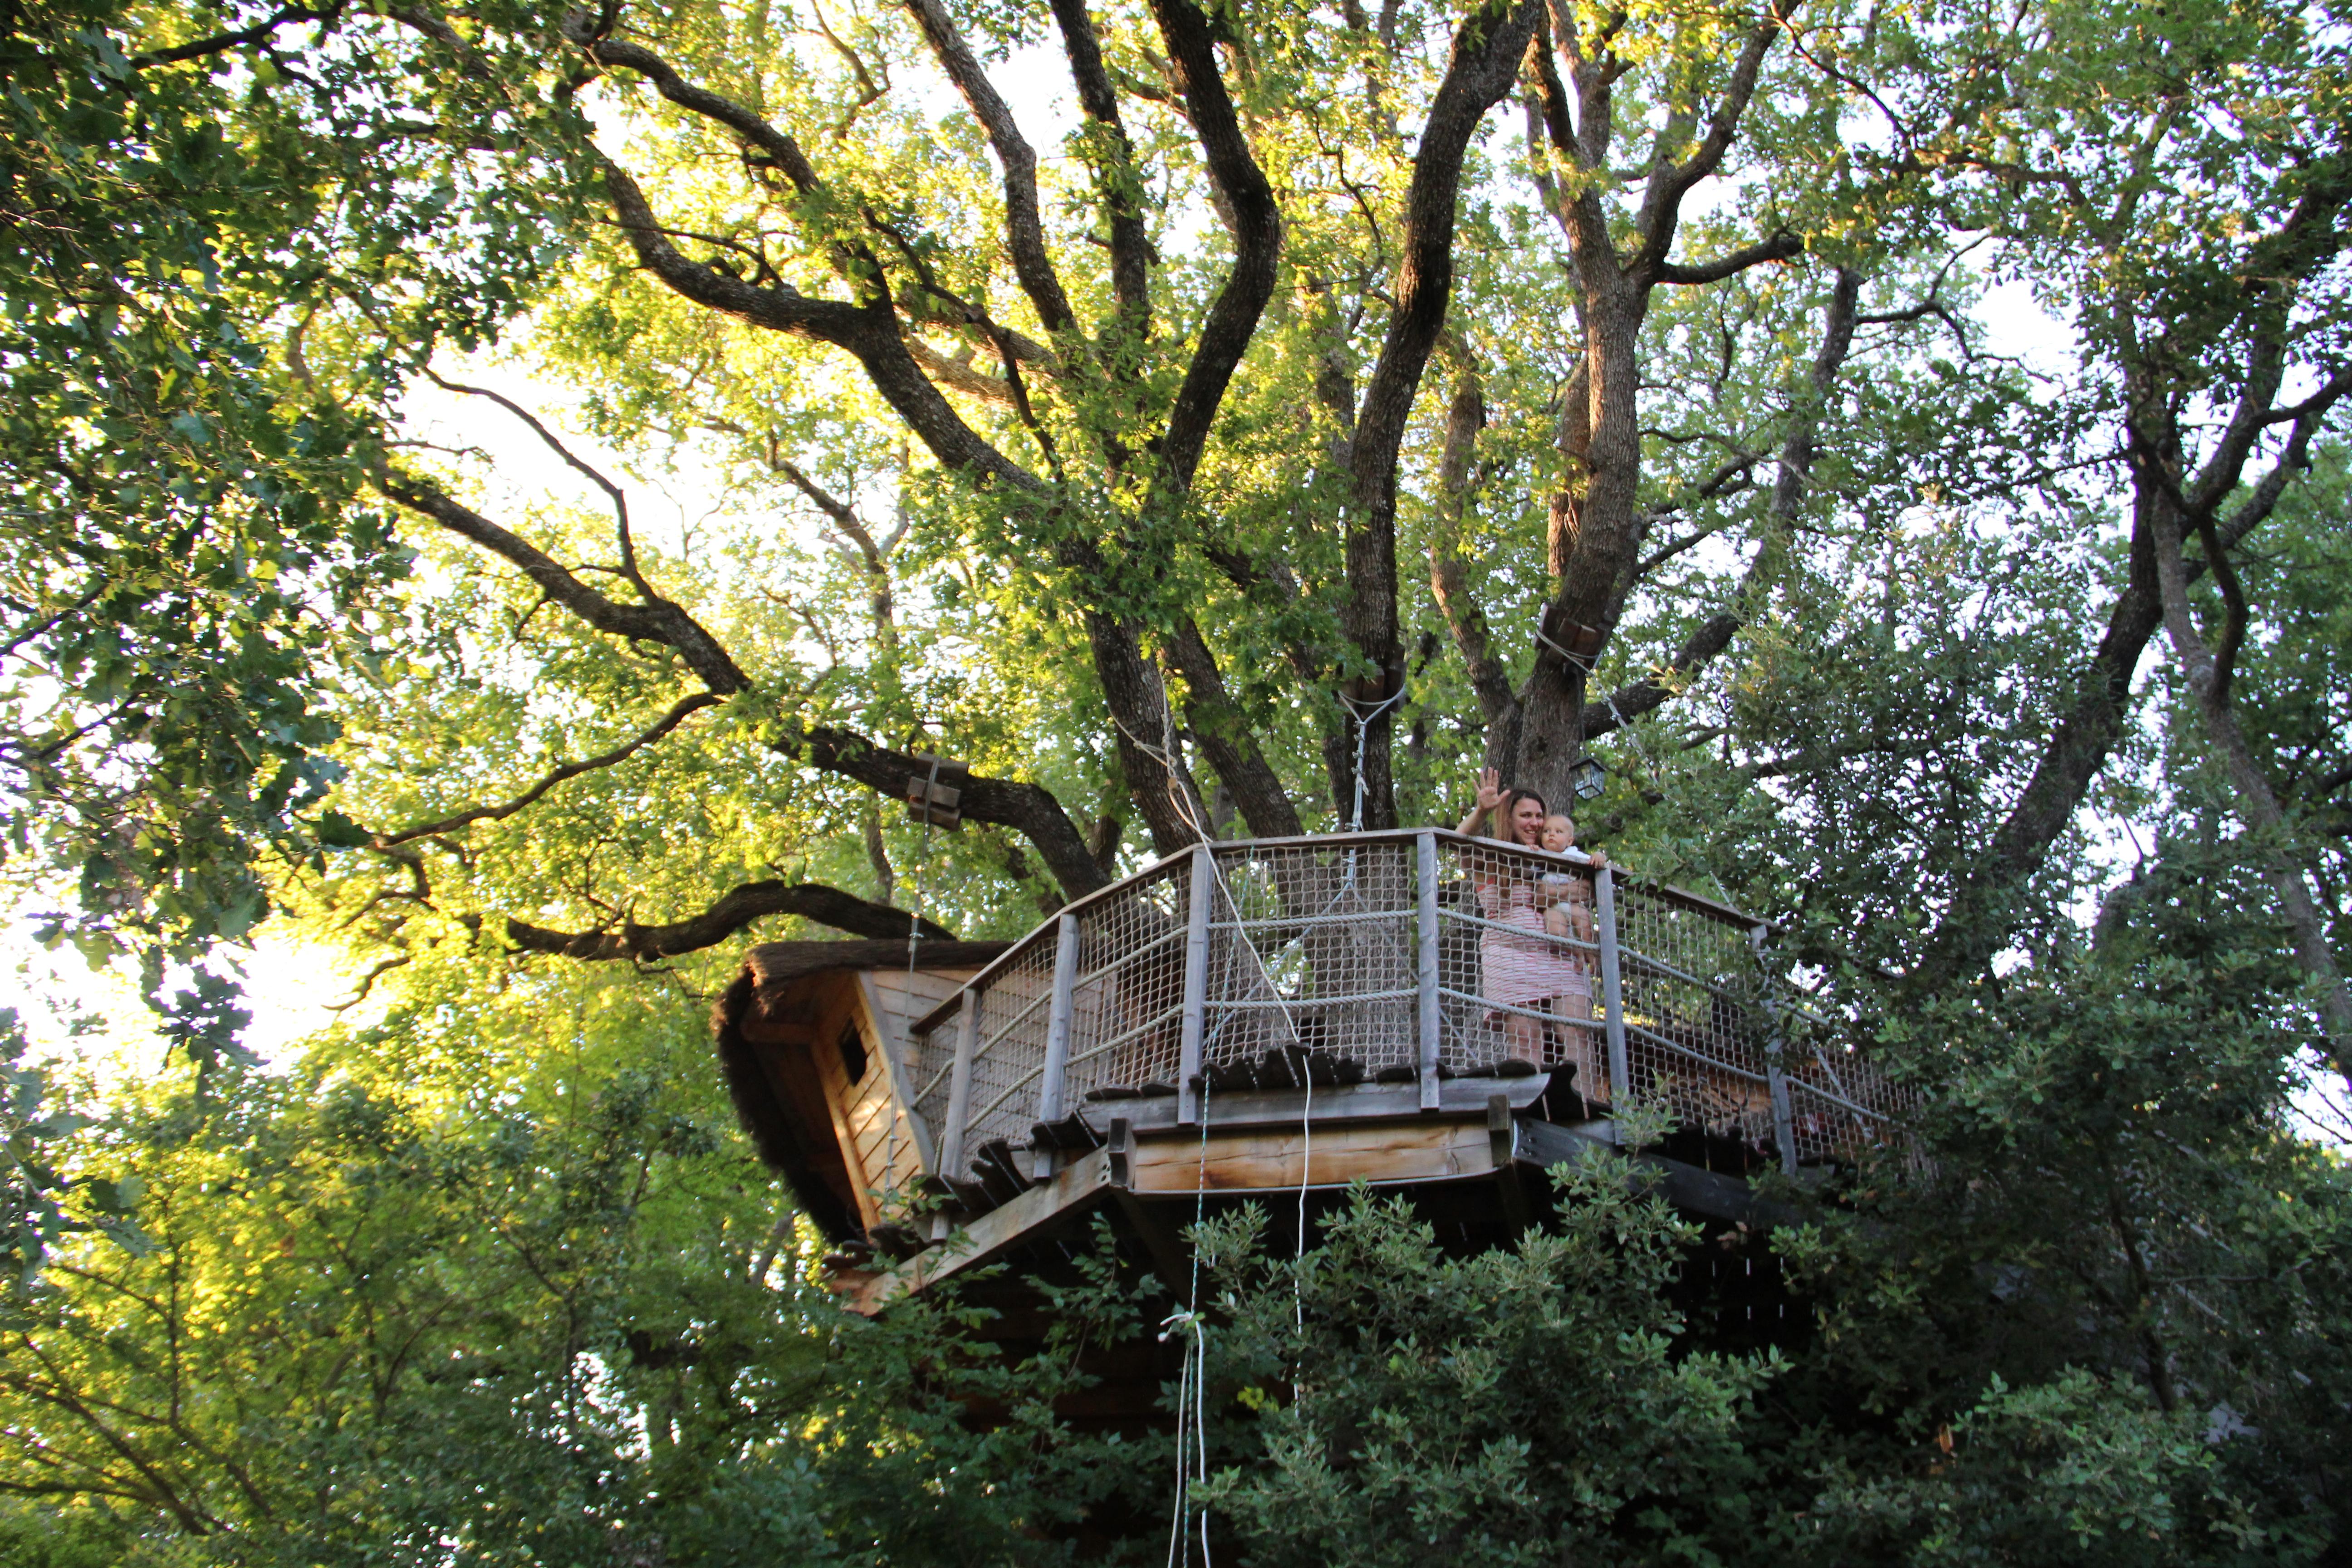 Rêve d'enfant : dormir dans une cabane dans les arbres